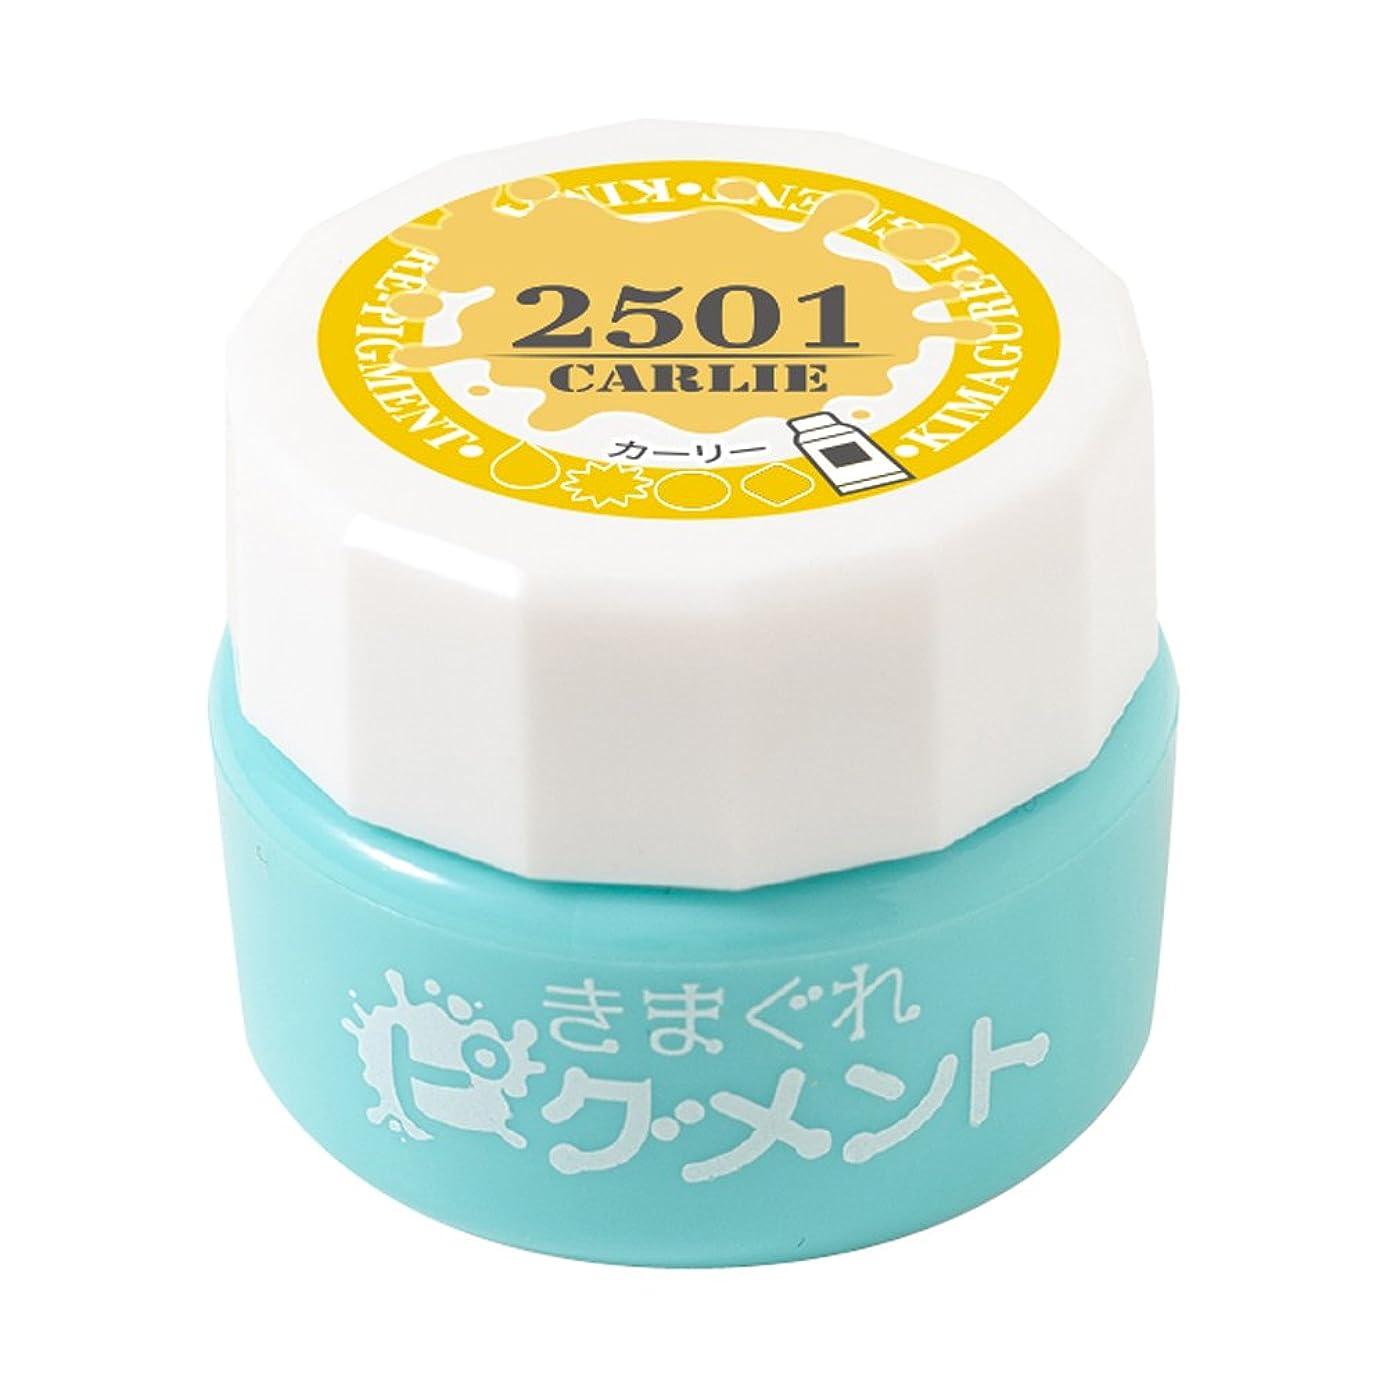 アリアンケート苗Bettygel きまぐれピグメント カーリー QYJ-2501 4g UV/LED対応